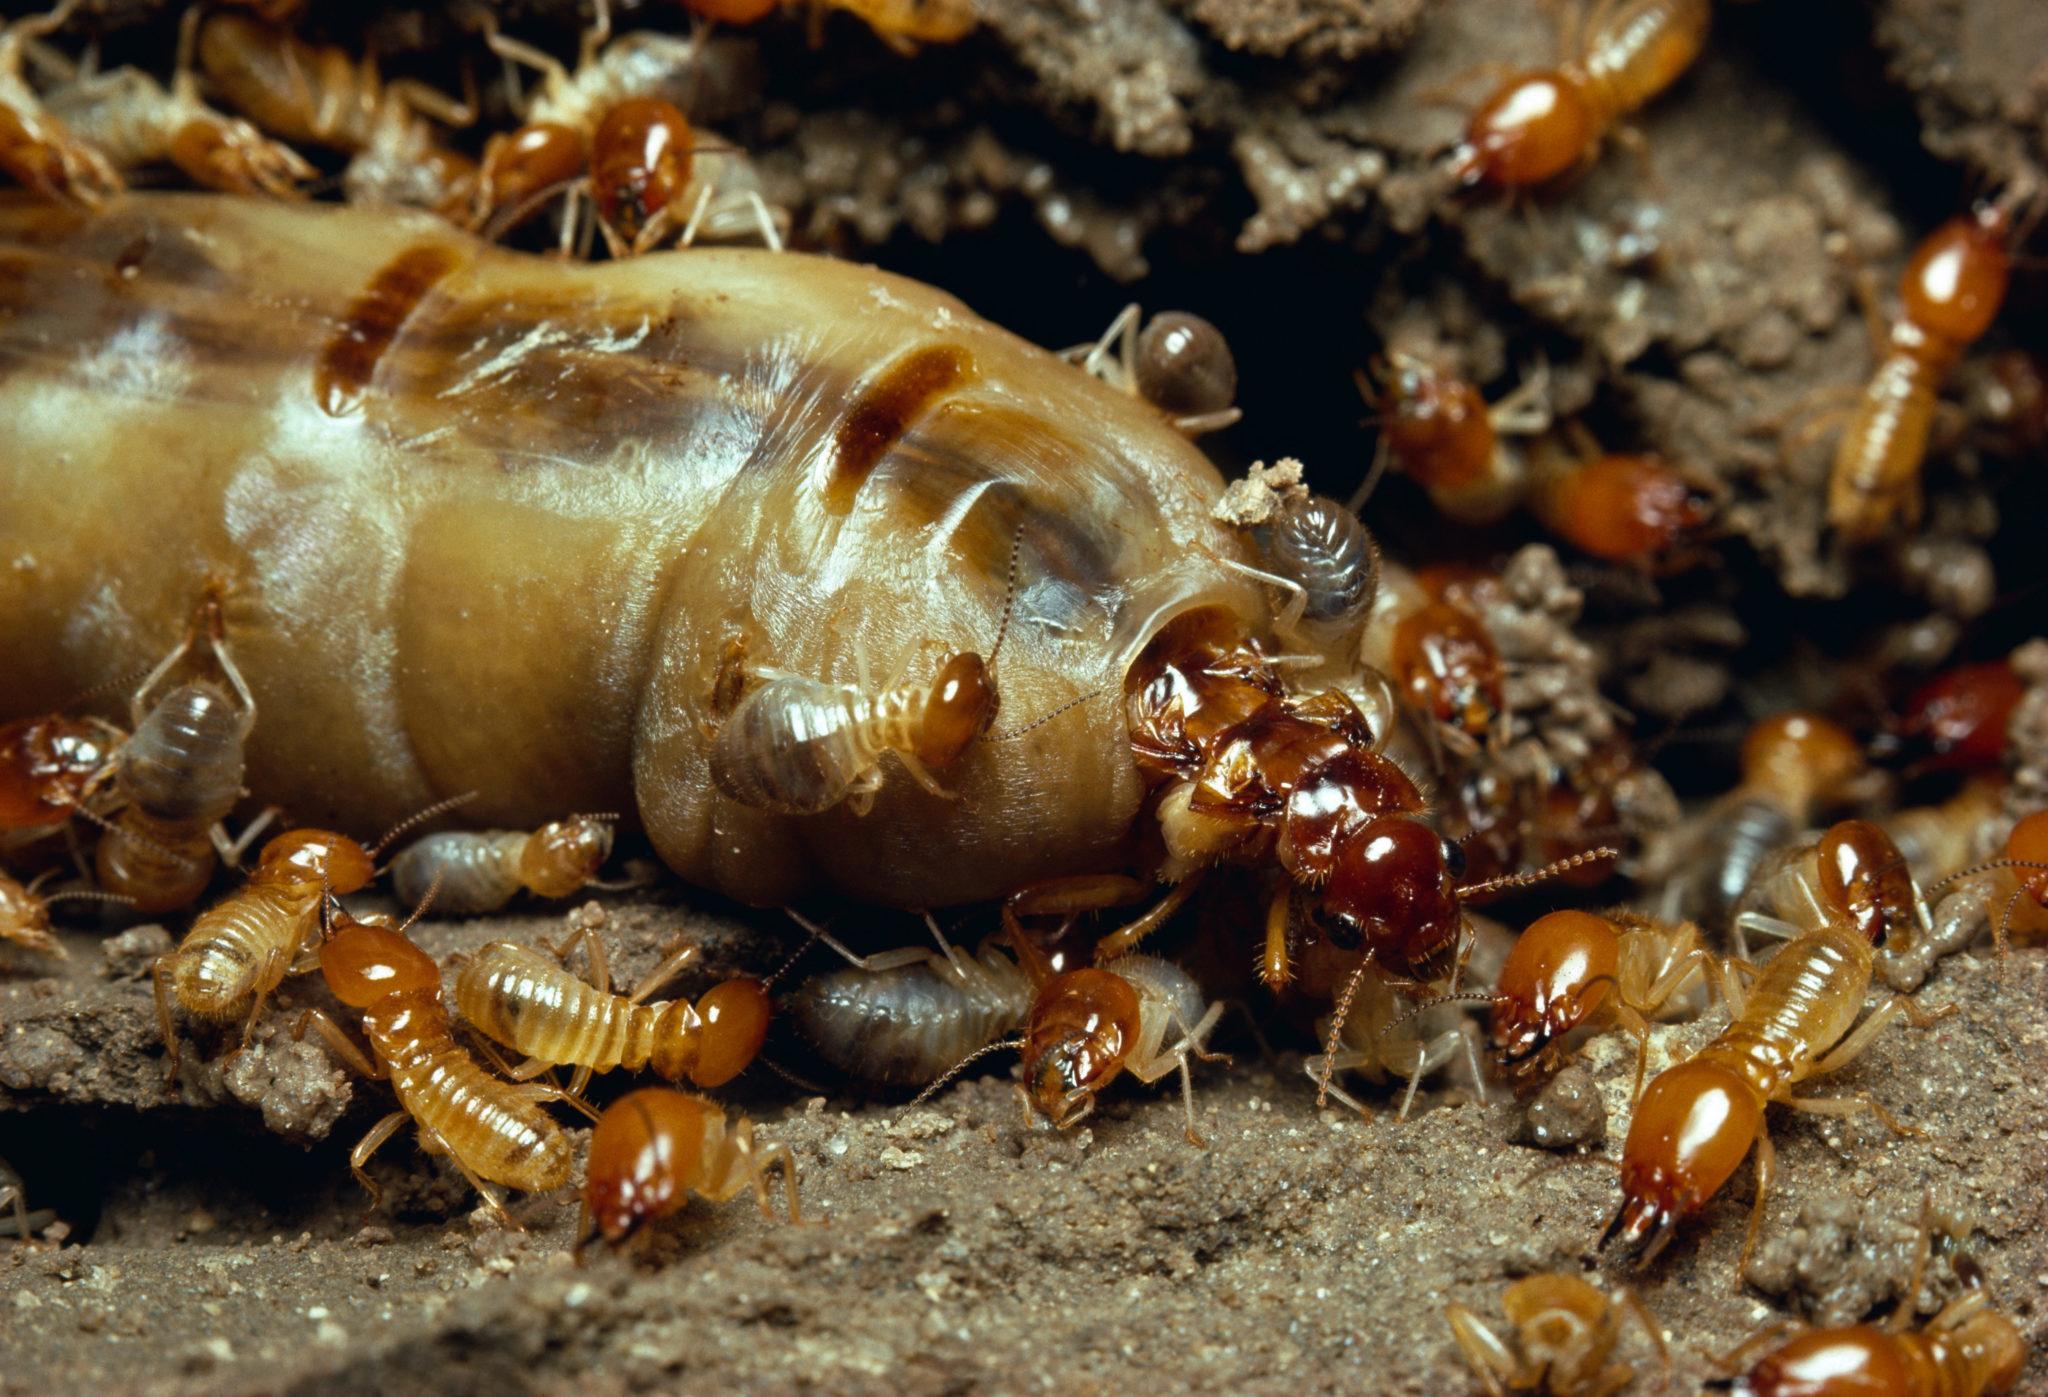 Im Inneren eines Termitenhügels: Die Königin der Termitenart Macrotermes bellicosus ist ungefähr einen Zentimeter gross und wird von Arbeitern umsorgt, die nur wenige Millimeter messen.